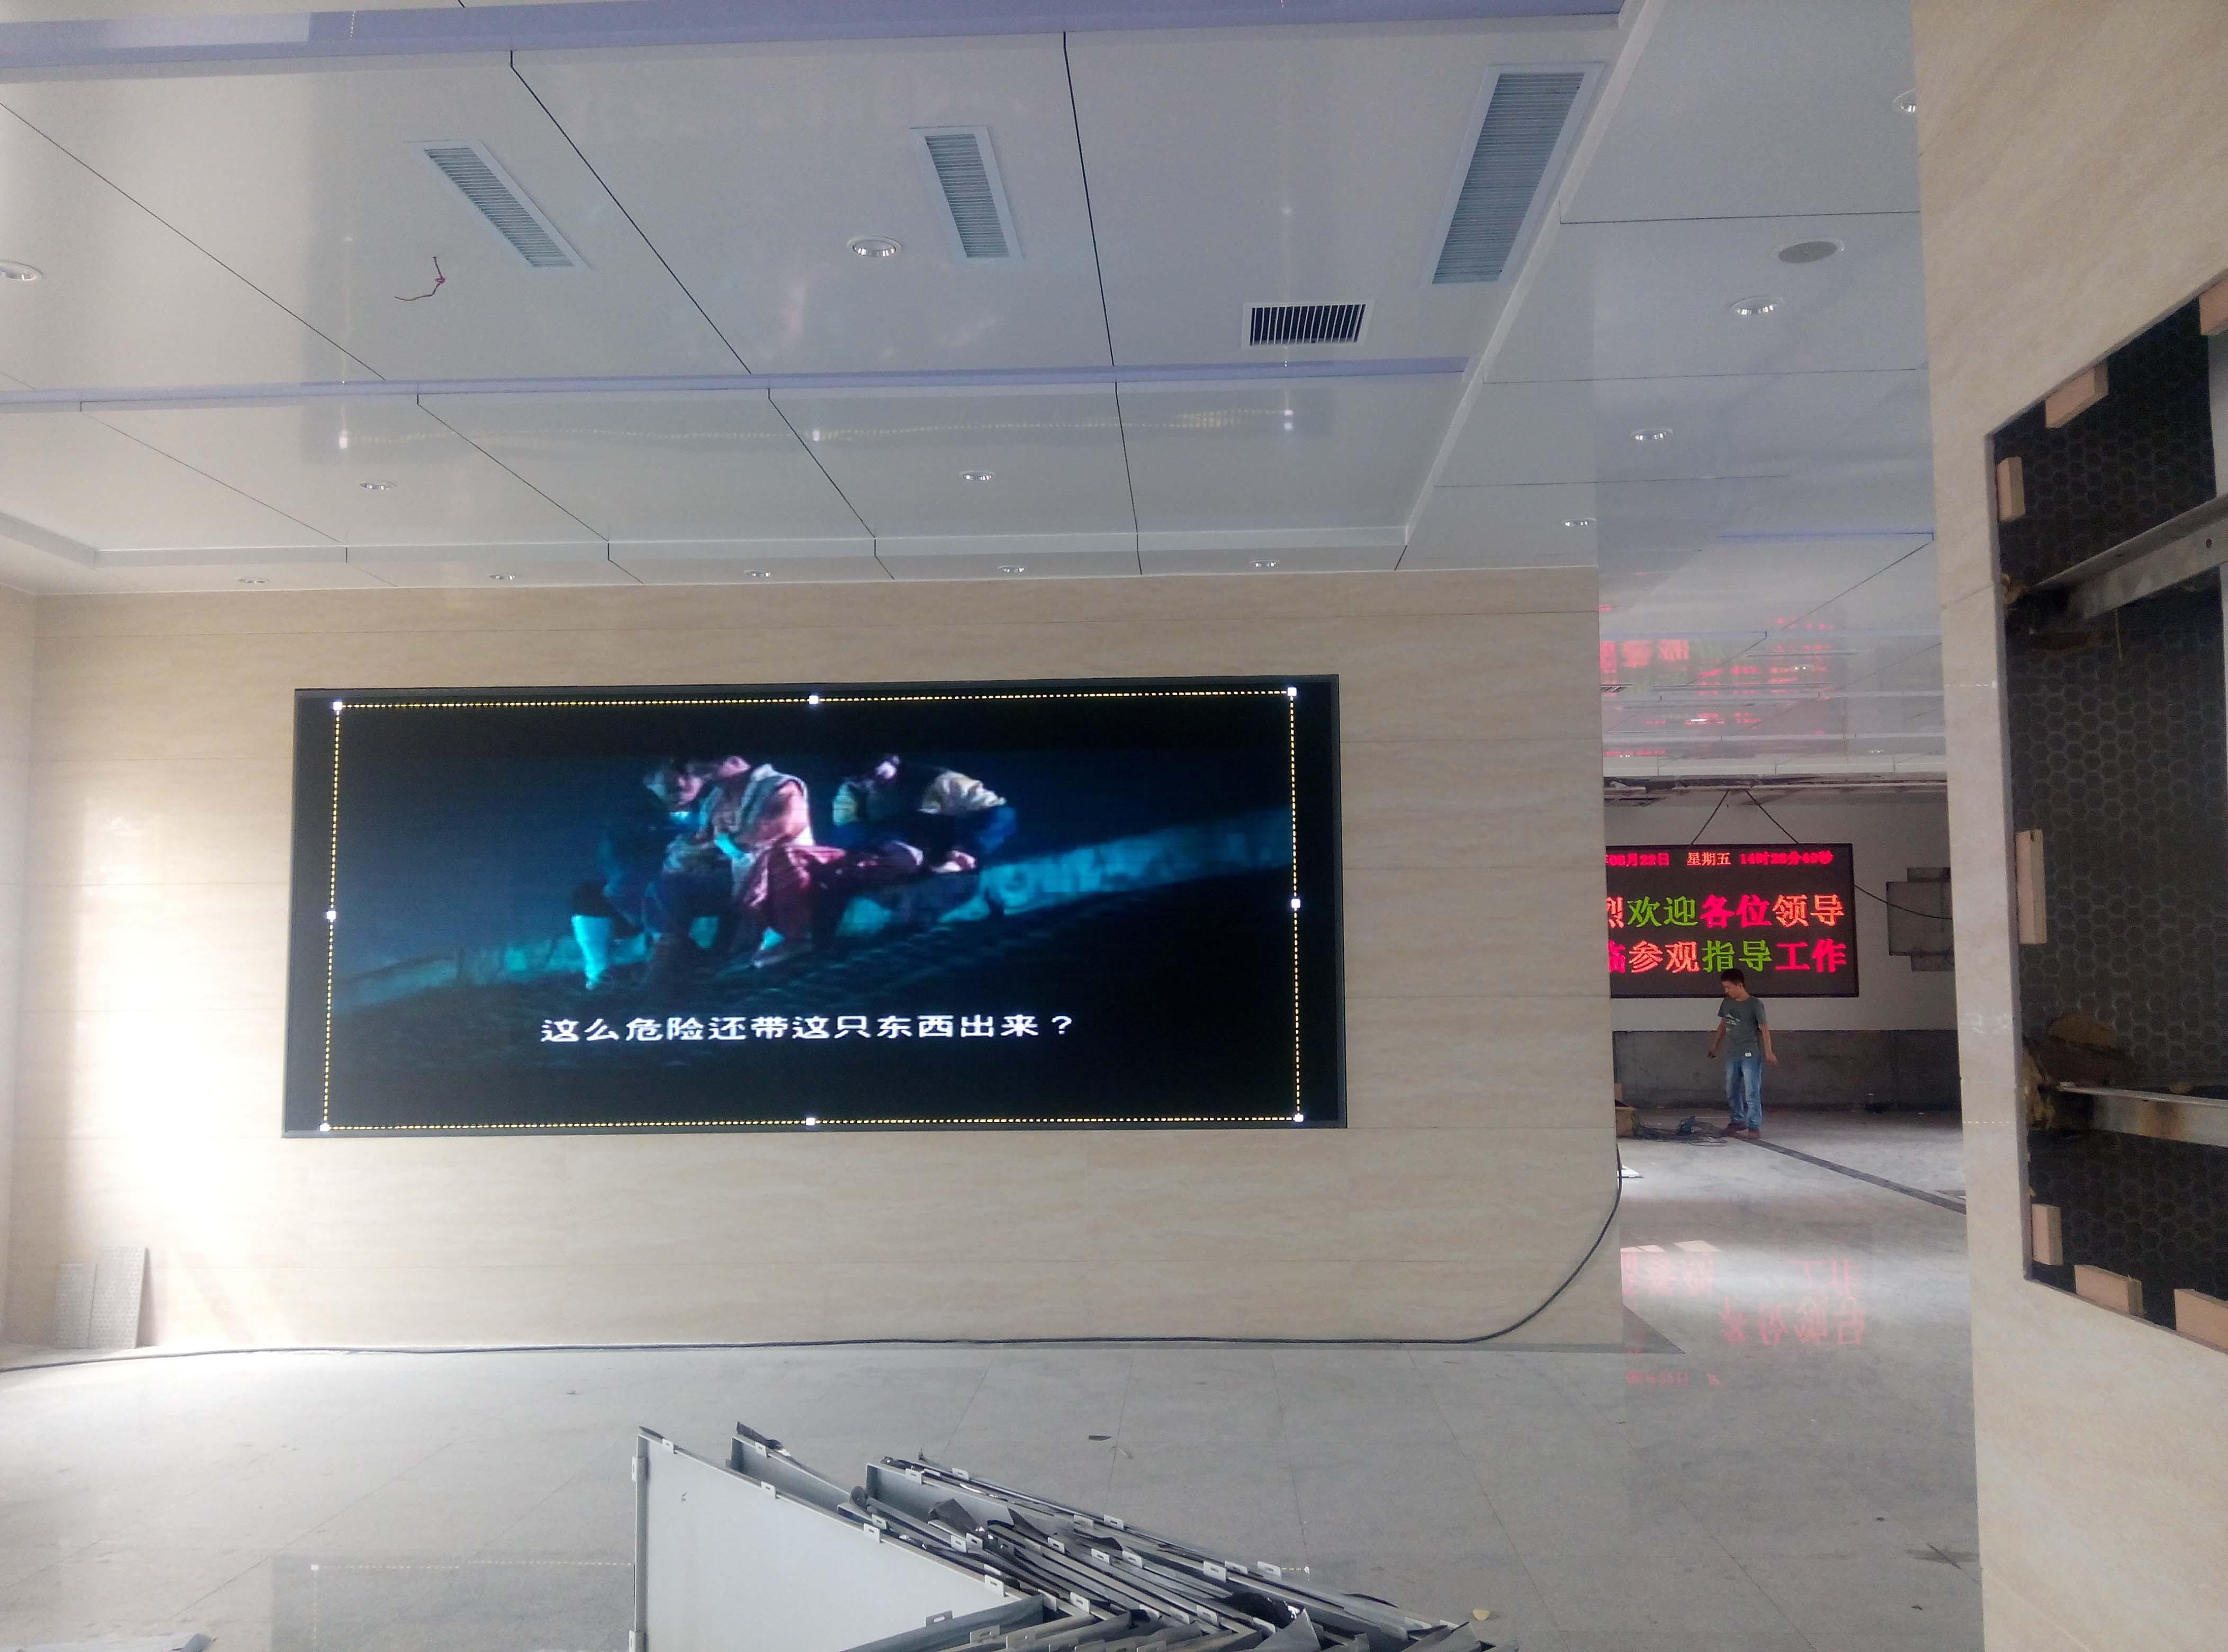 济宁LED显示屏厂家专业设计定制各种LED显示屏,欢迎咨询。